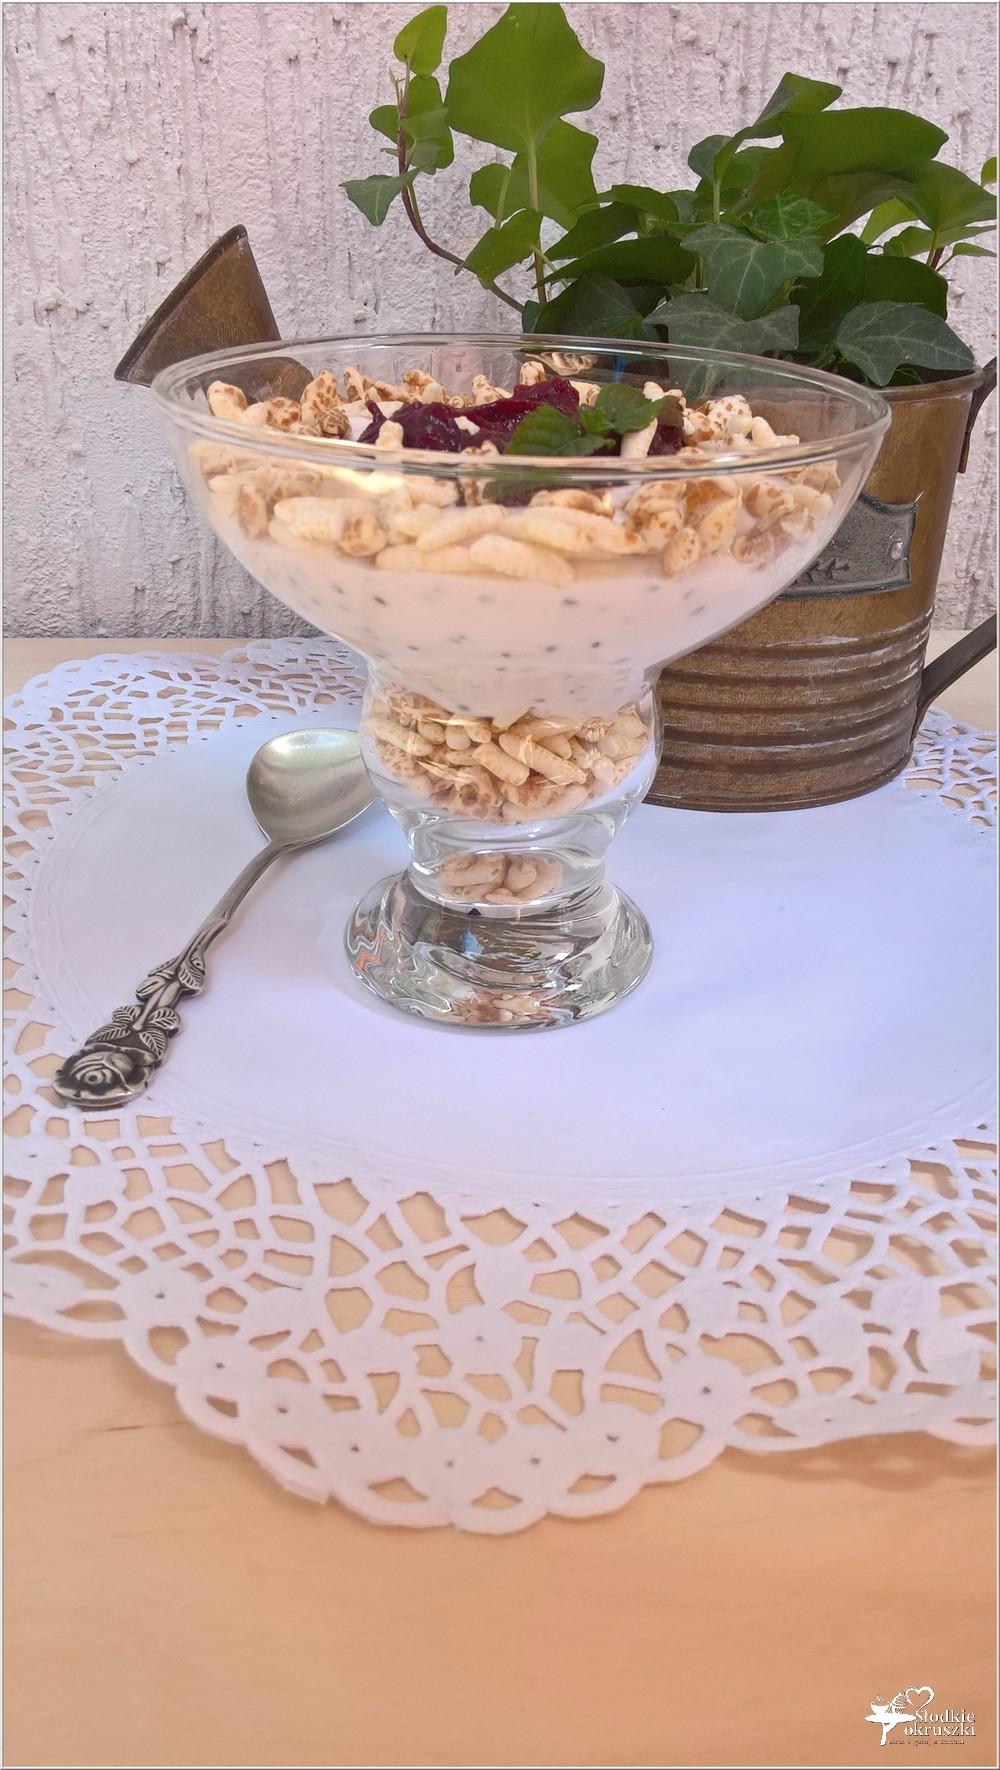 Lekki deser sernikowy z chia i powidłami z czarnych porzeczek i jabłek (3)